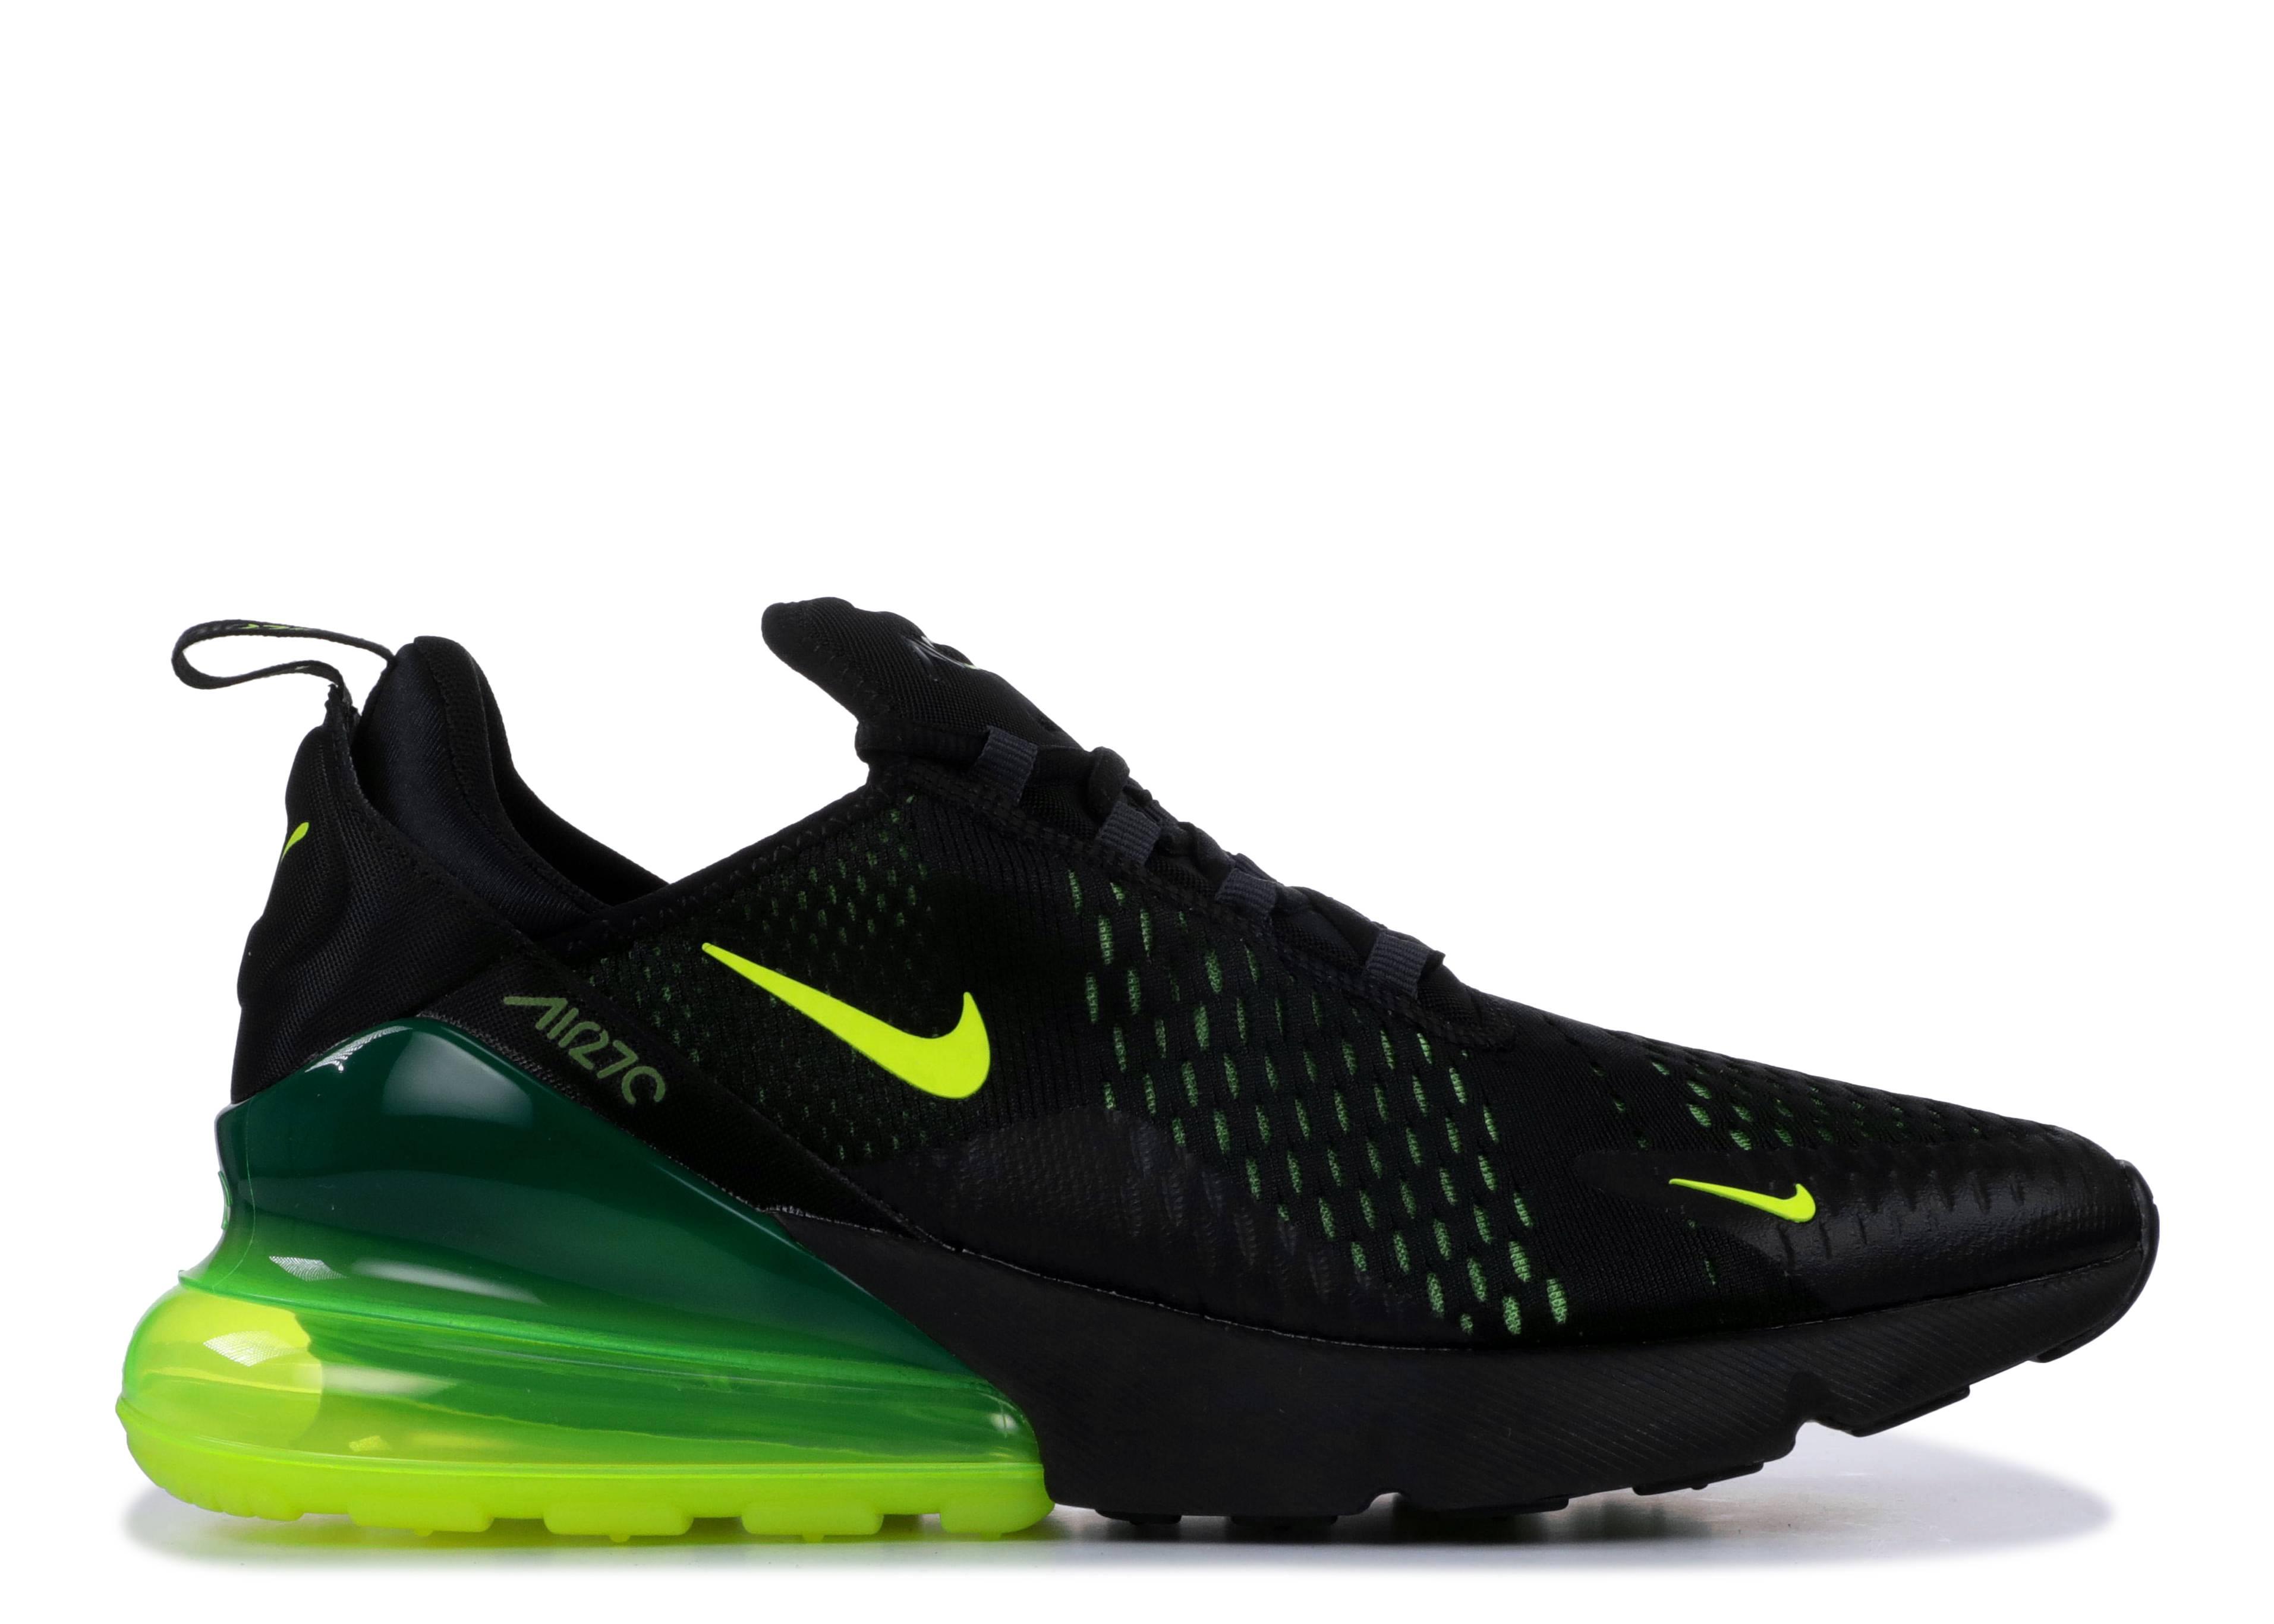 f30a416d82ee1a Air Max 270 - Nike - ah8050 017 - black volt-black-oil-grey